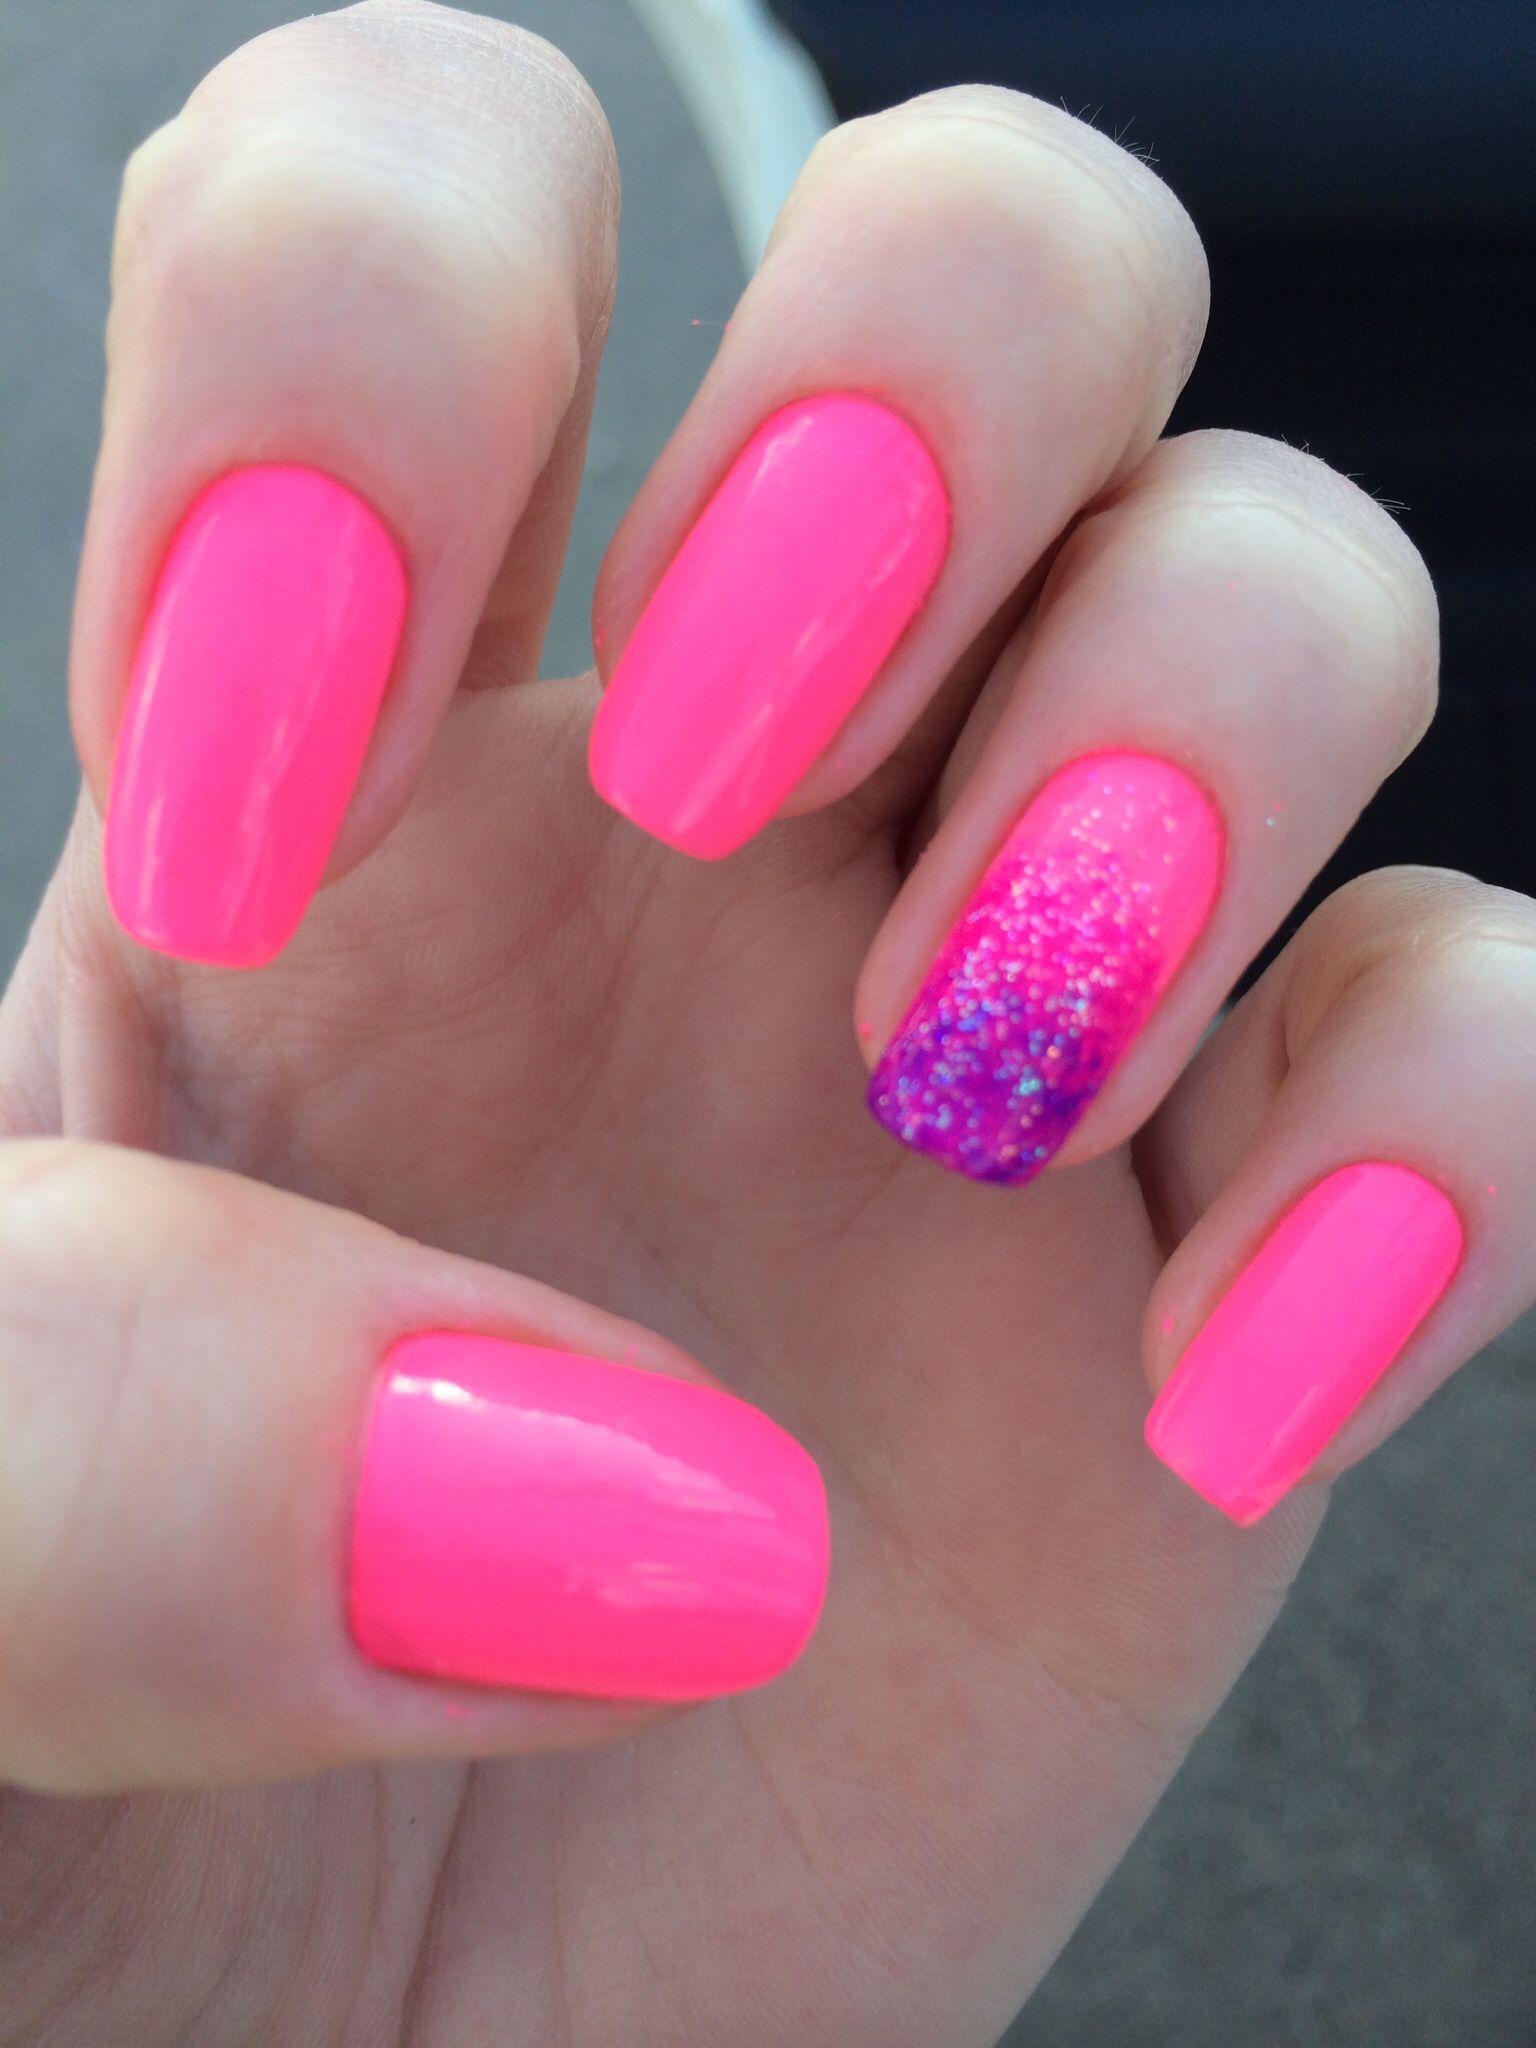 Filha única degradê #nails #unhas #rosa #neon #filhaunica #degrade | Unhas  decoradas, Unhas decoradas simples e lindas, Unhas